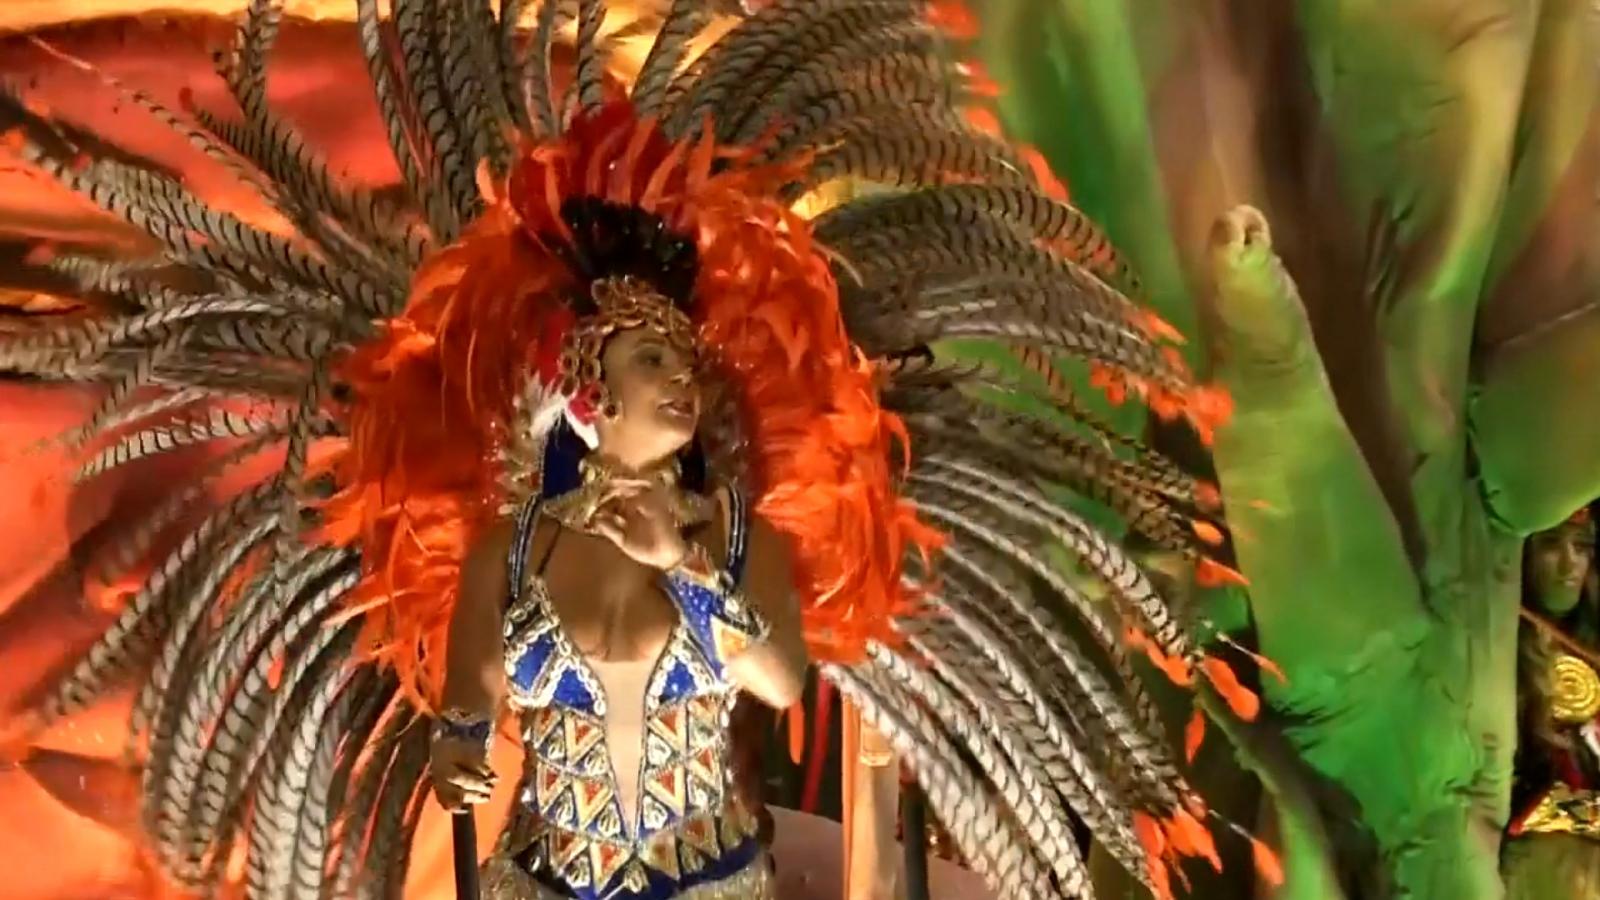 Colourful carnival season begins in Rio de Janeiro